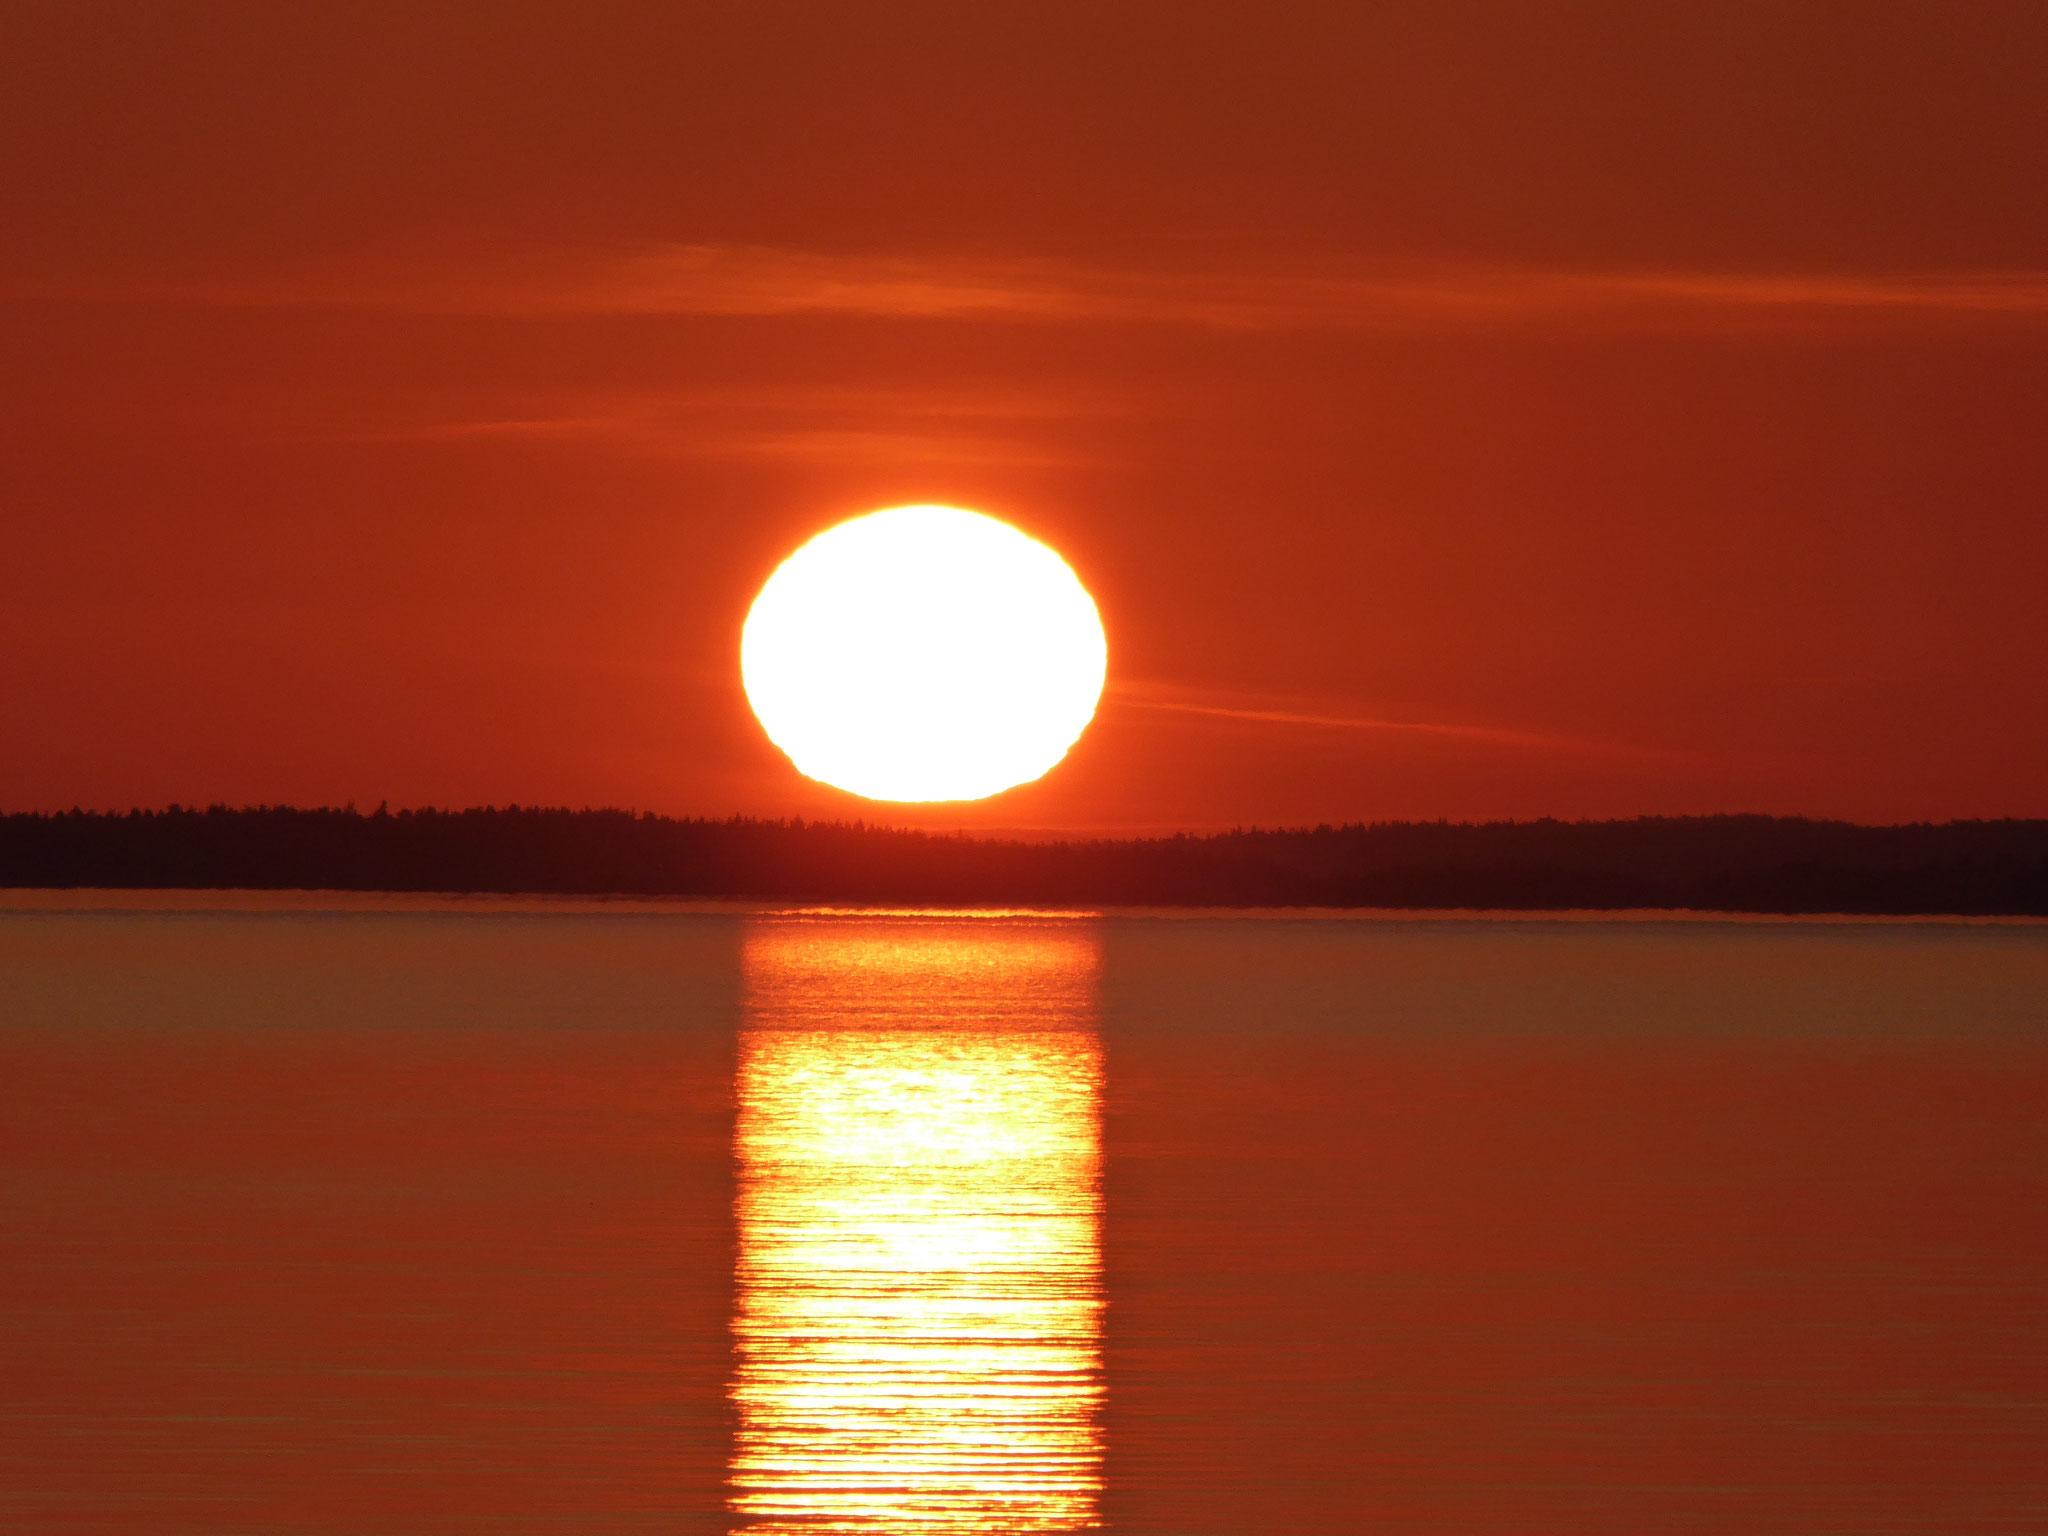 """Another wonderful sunset near the log house """"Sunny Mökki Sysmä"""", Lake Päijänne, Finland"""